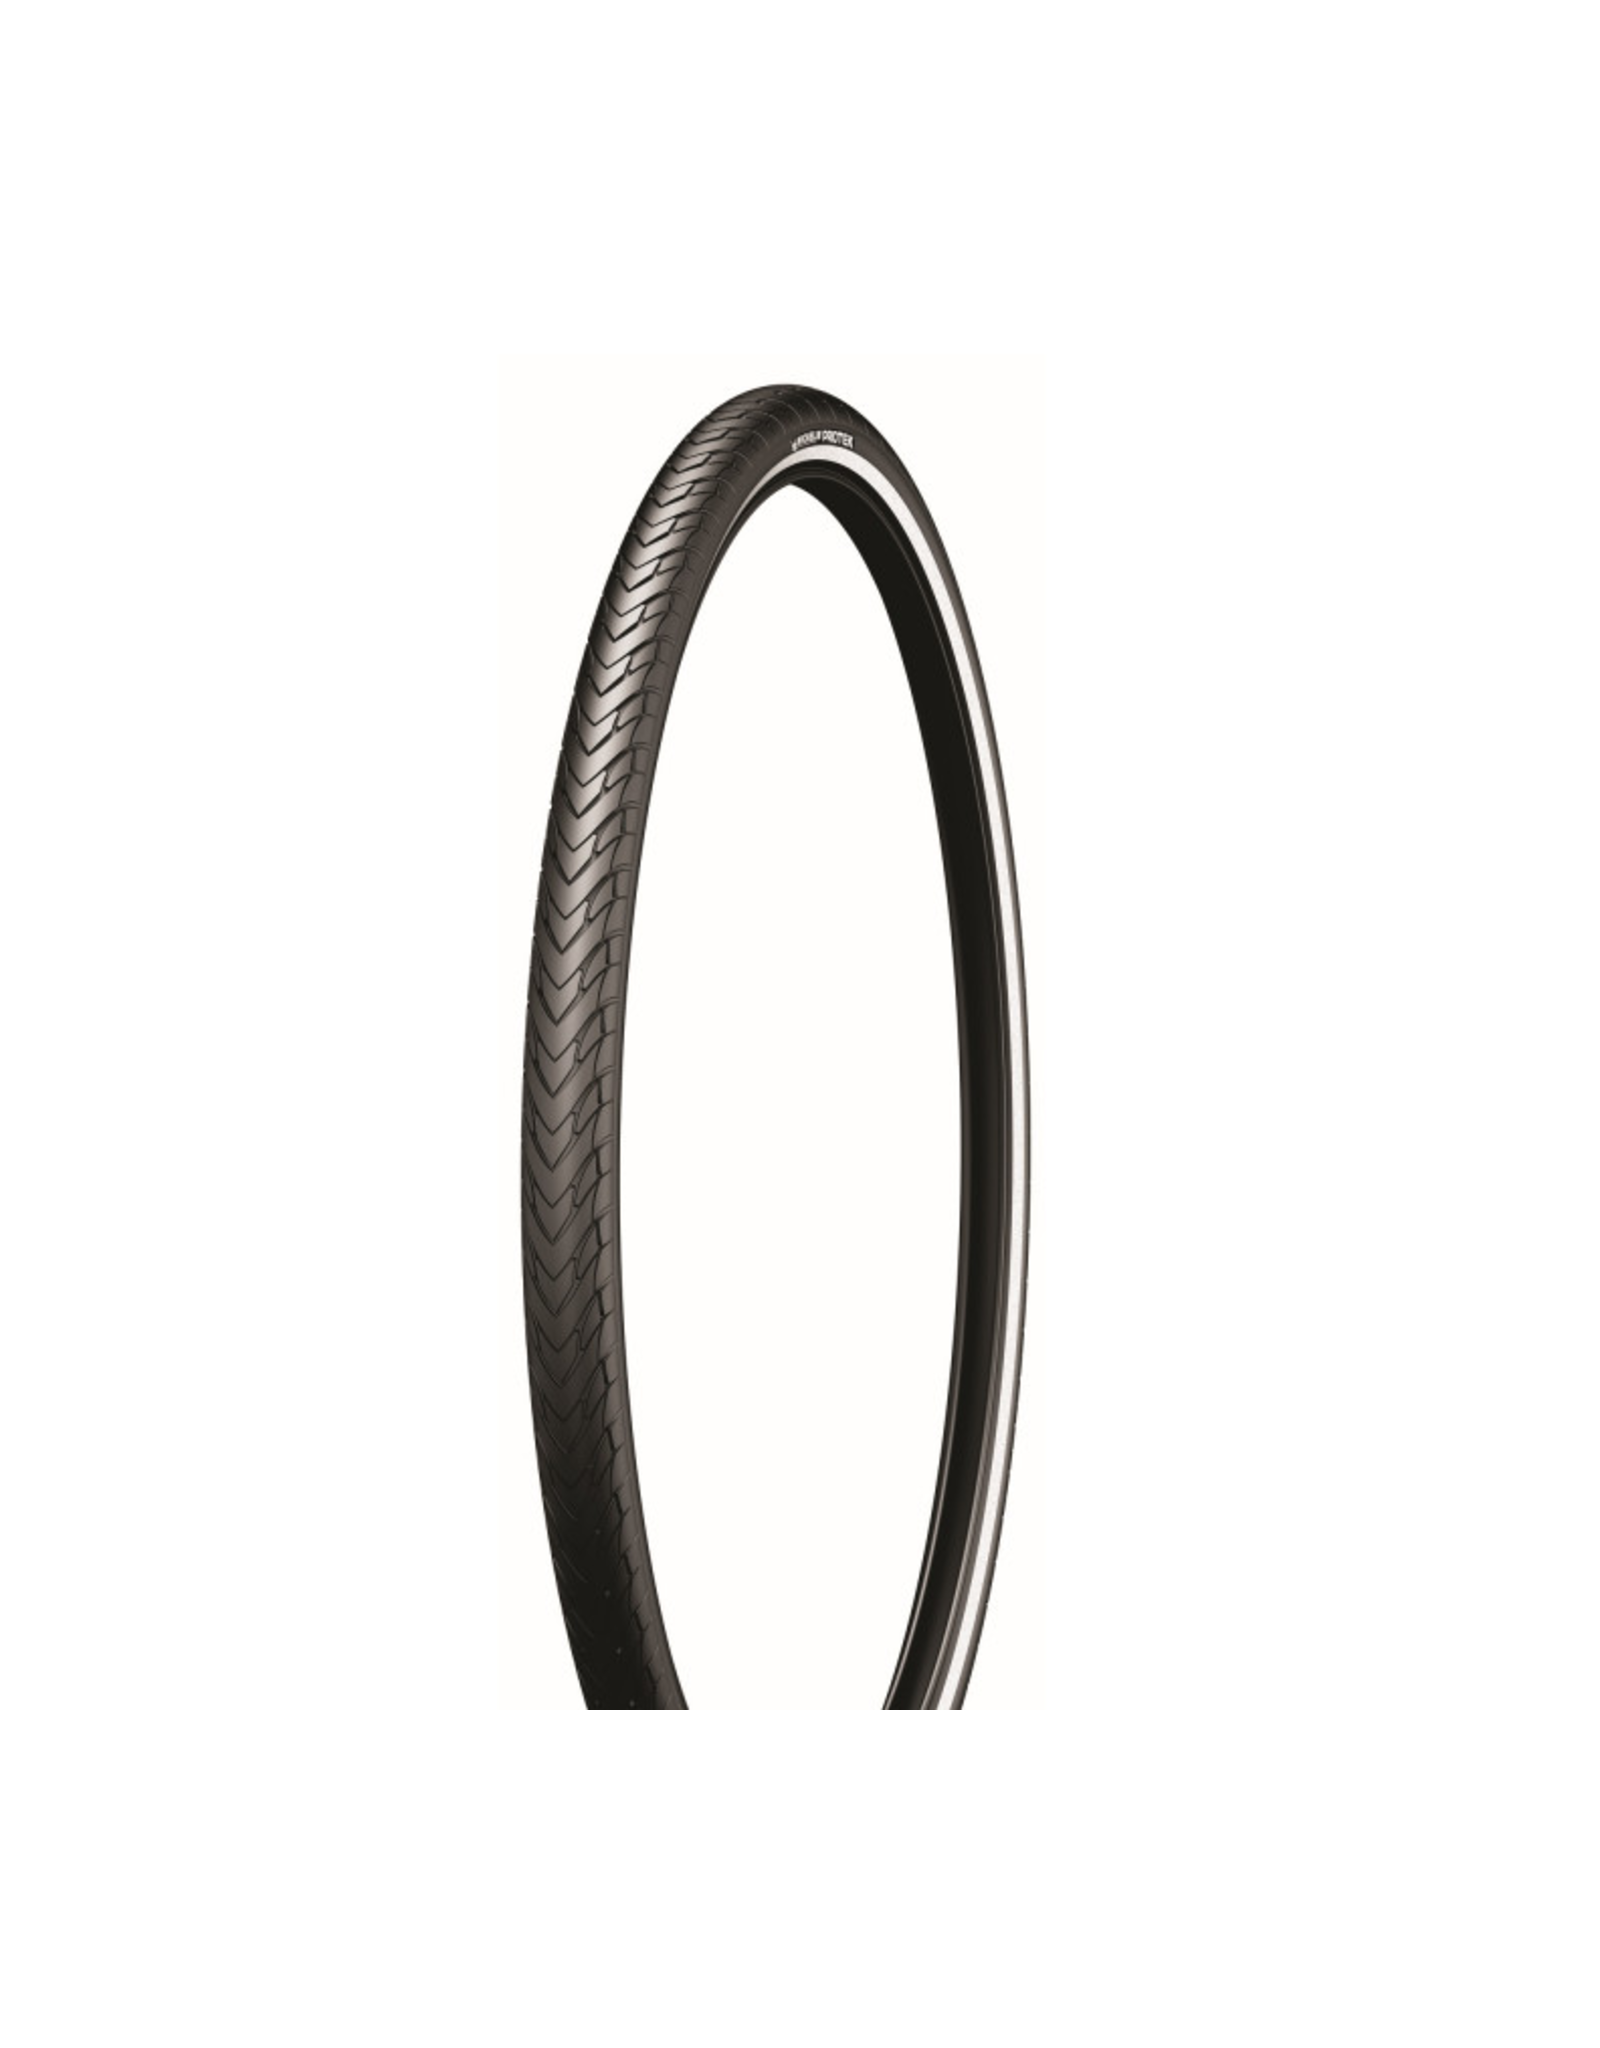 Michelin Michelin, Protek Cross Max, Tire, 700x35C, Wire, Clincher, Protek 5mm, Reflex, 22TPI, Black